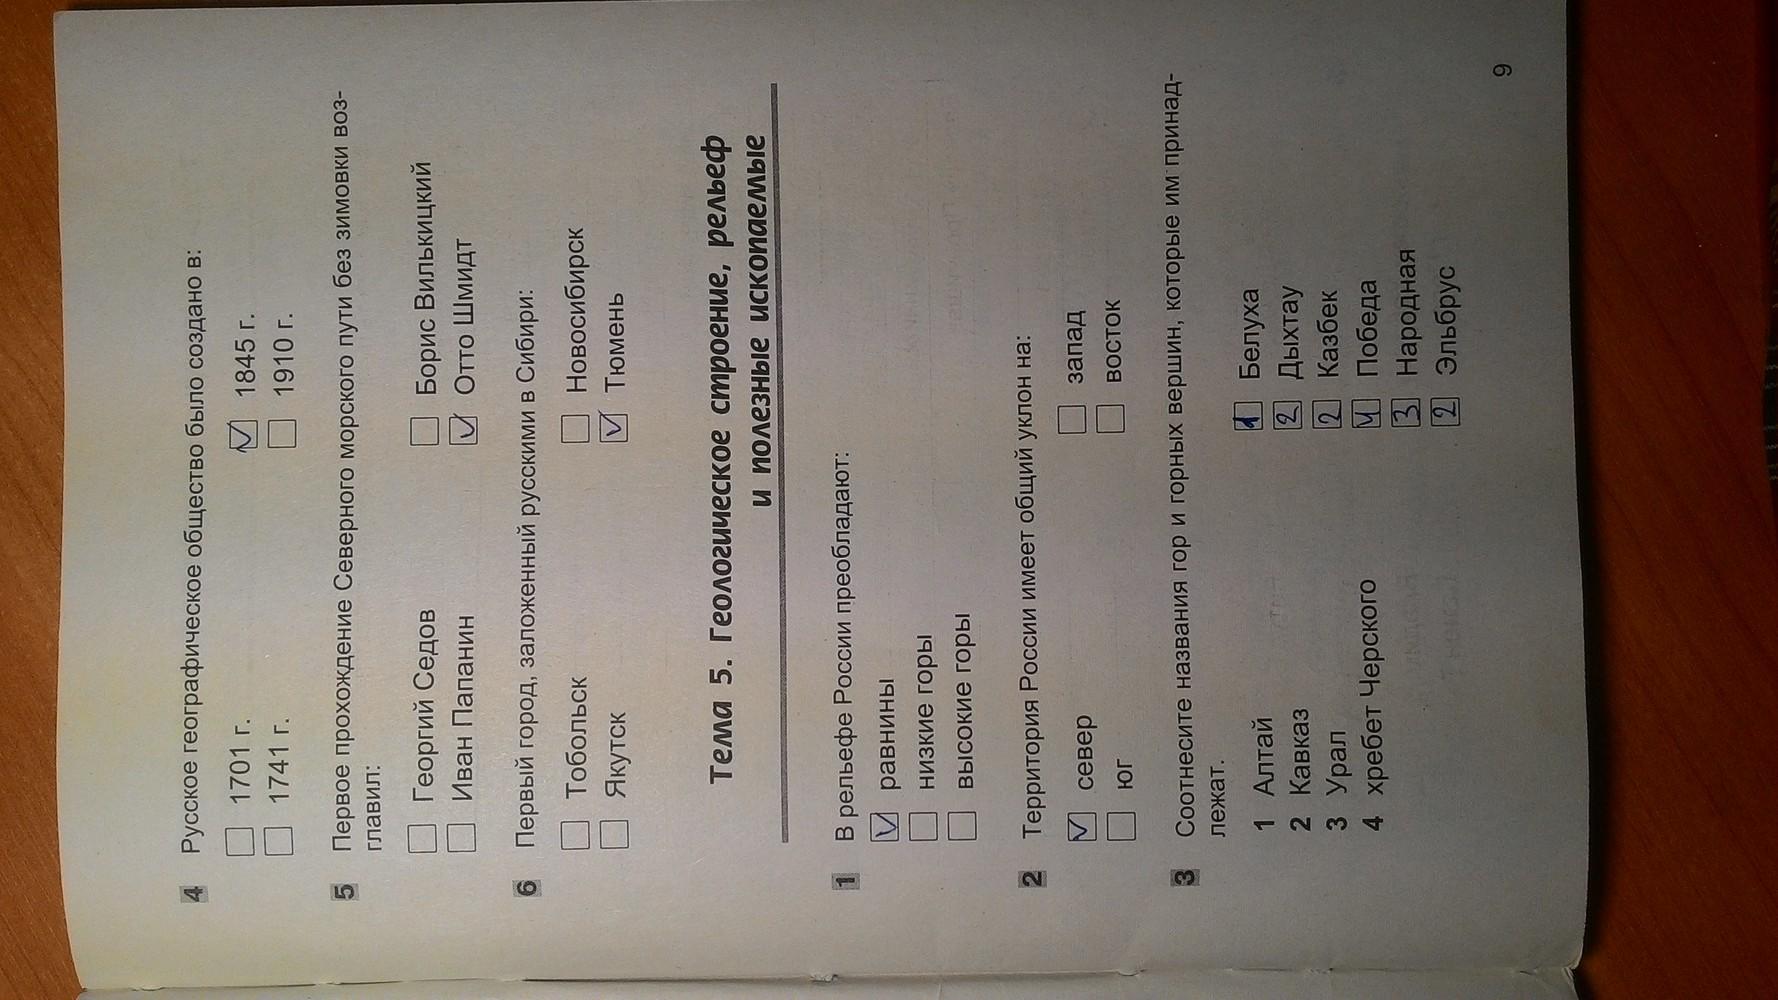 Рабочая тетрадь по физической географии пмр 8 класс